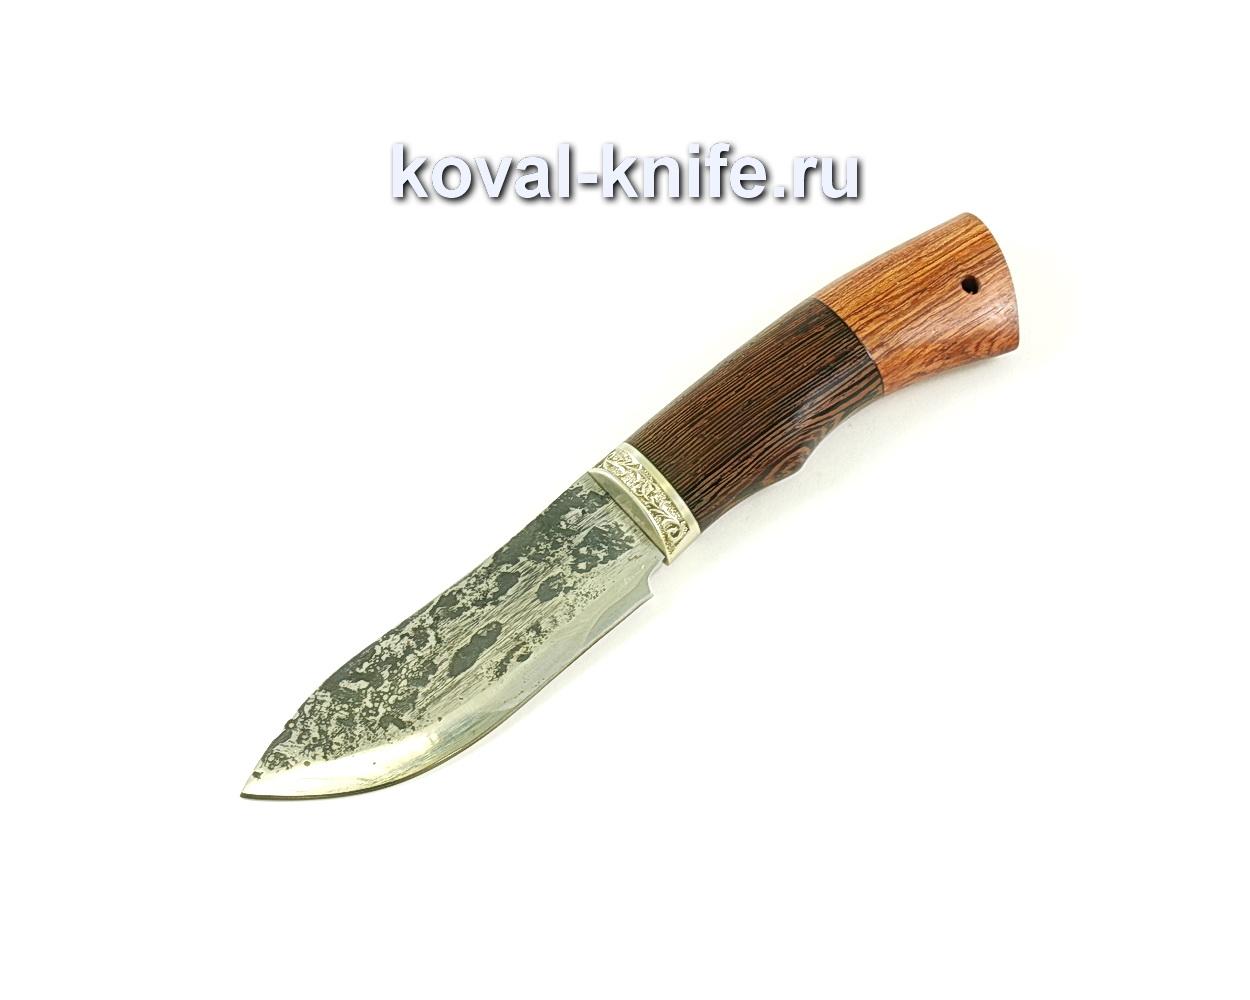 Нож Кабан (сталь 9хс), рукоять венге, бубинга, мельхиор A062